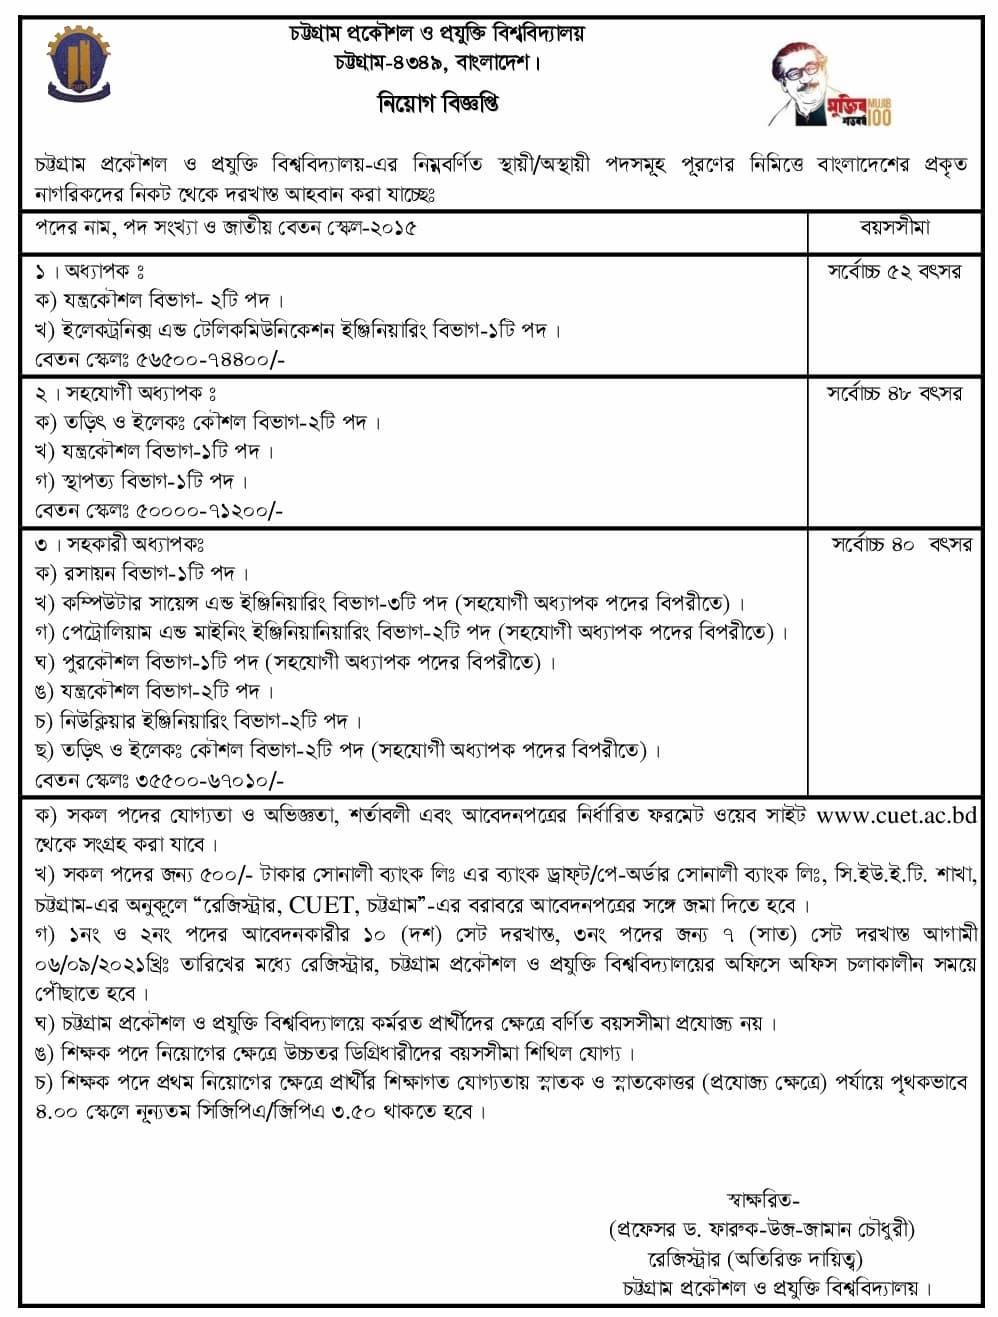 চট্টগ্রাম প্রকৌশলী ও প্রযুক্তি বিশ্ববিদ্যালয় চাকরির খবর - চট্টগ্রাম প্রকৌশলী বিজ্ঞান ও প্রযুক্তি ইউনিভারসিটি নিয়োগ বিজ্ঞপ্তি - Chittagong University of Engineering and TechnologyBS CIRCULAR - সকল বিশ্ববিদ্যালয় চাকরির খবর ২০২২ - ইউনিভারসিটি নিয়োগ বিজ্ঞপ্তি ২০২২ - ALL UNIVERSITY JOBS CIRCULAR 2022